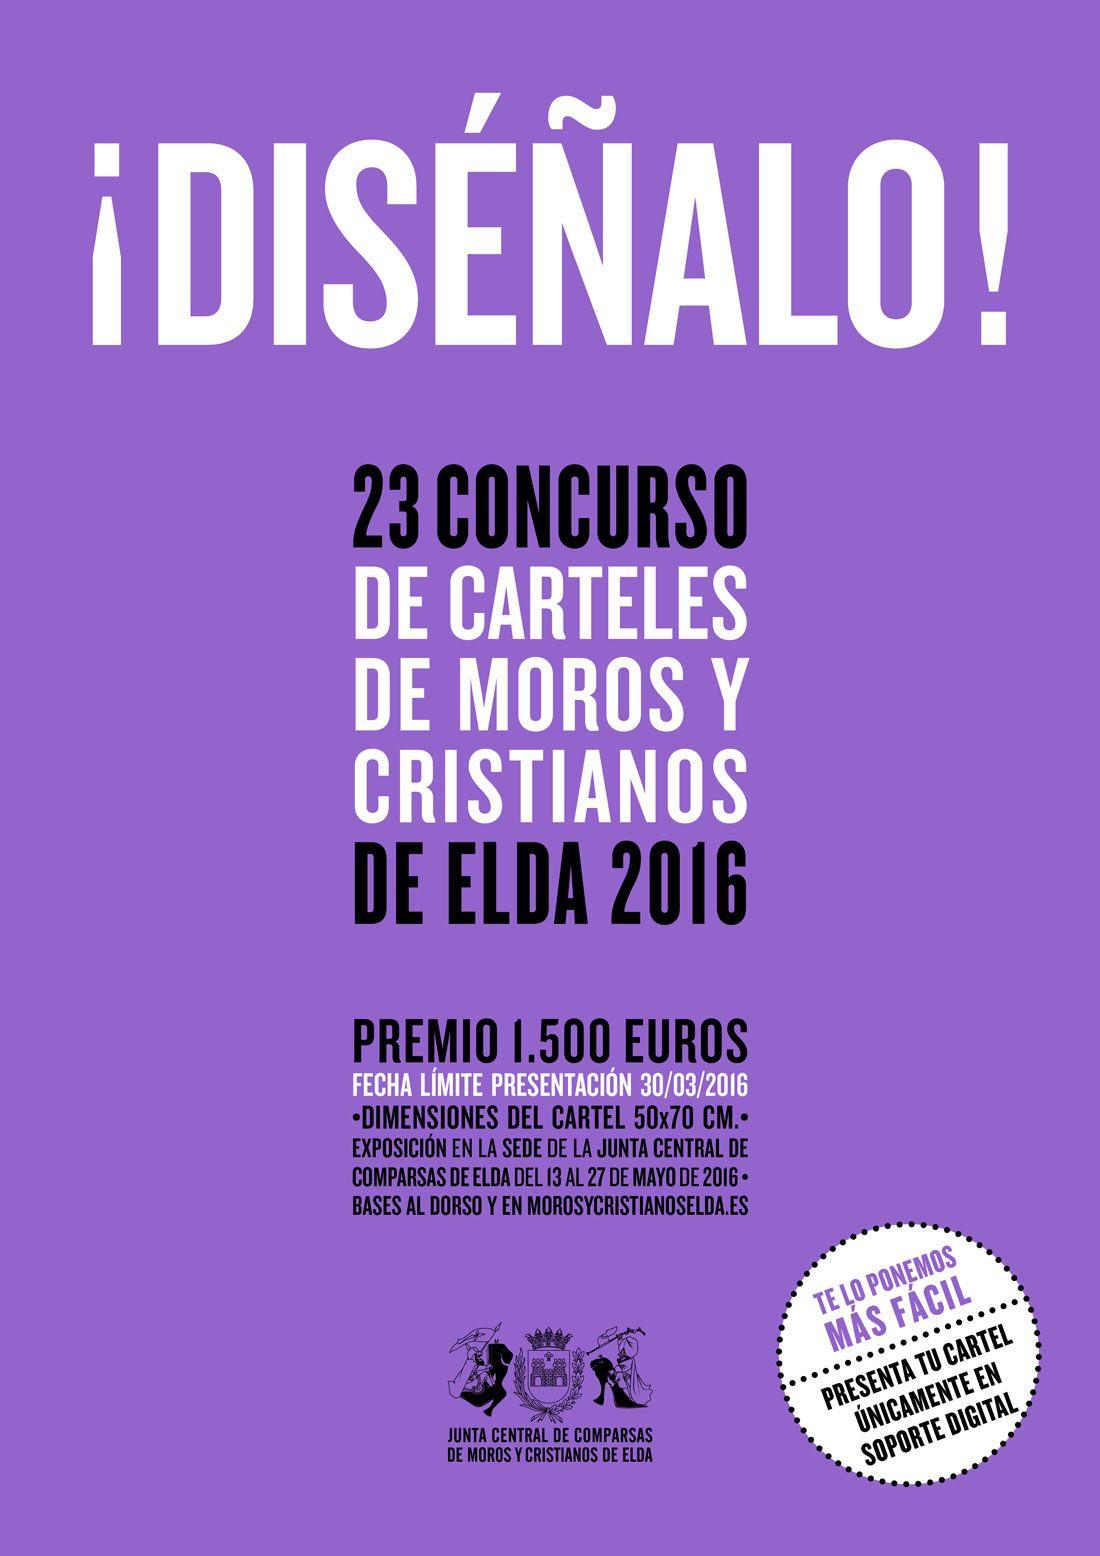 La Junta Central De Comparsas Convoca Su 23 Concurso De